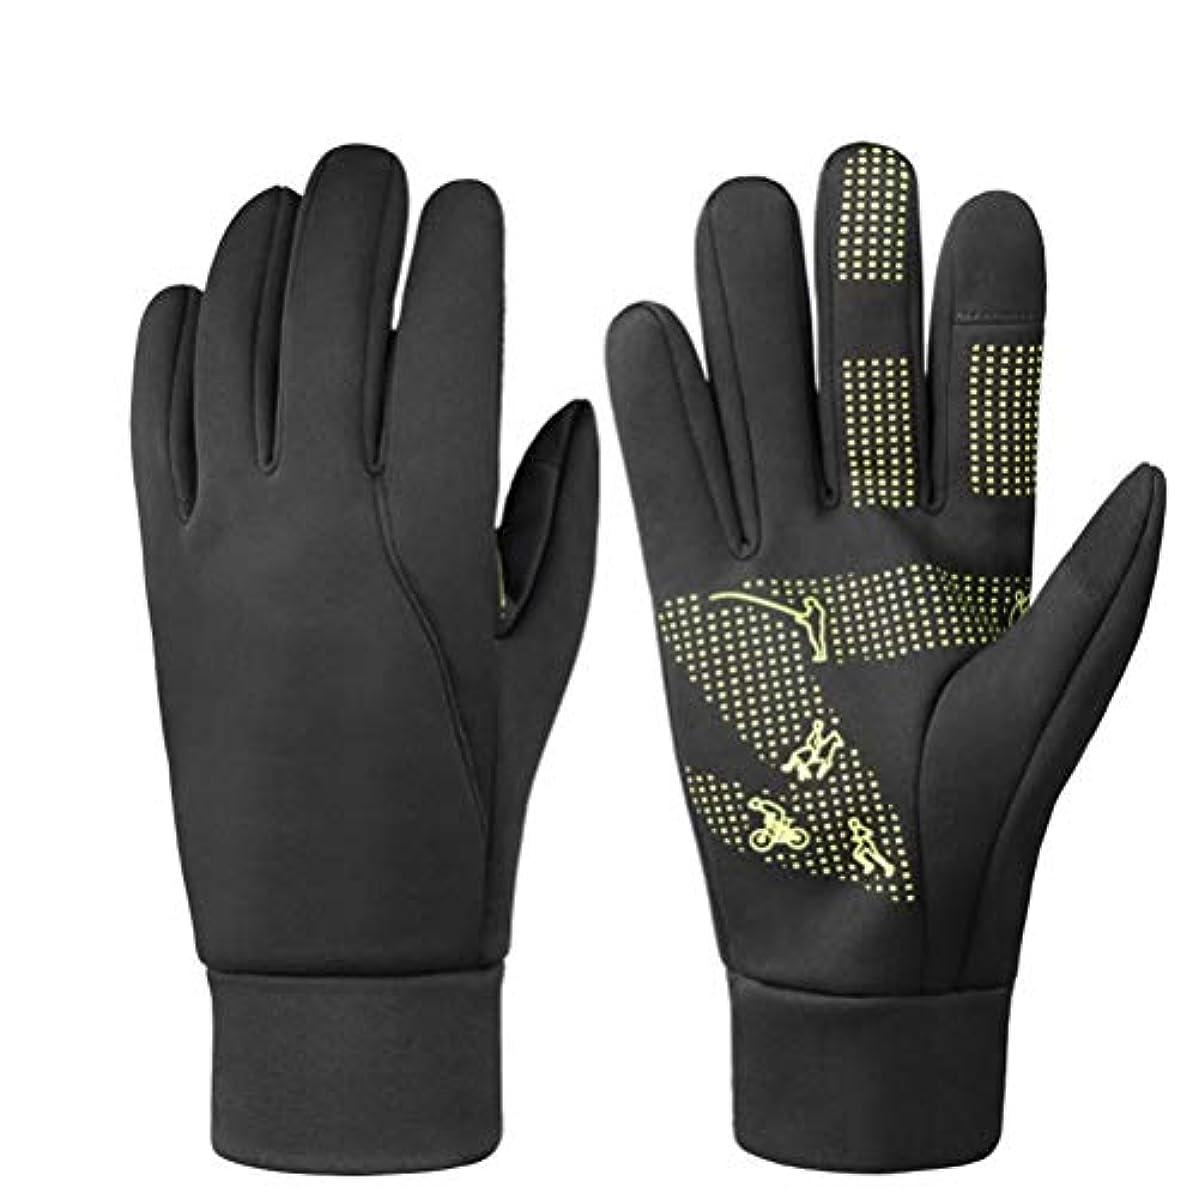 倒錯誘惑狂信者手袋プラスベルベット太いノンスリップ暖かい手袋を運転屋外タッチスクリーン手袋、男性と女性秋と冬の手袋 (Size : M)